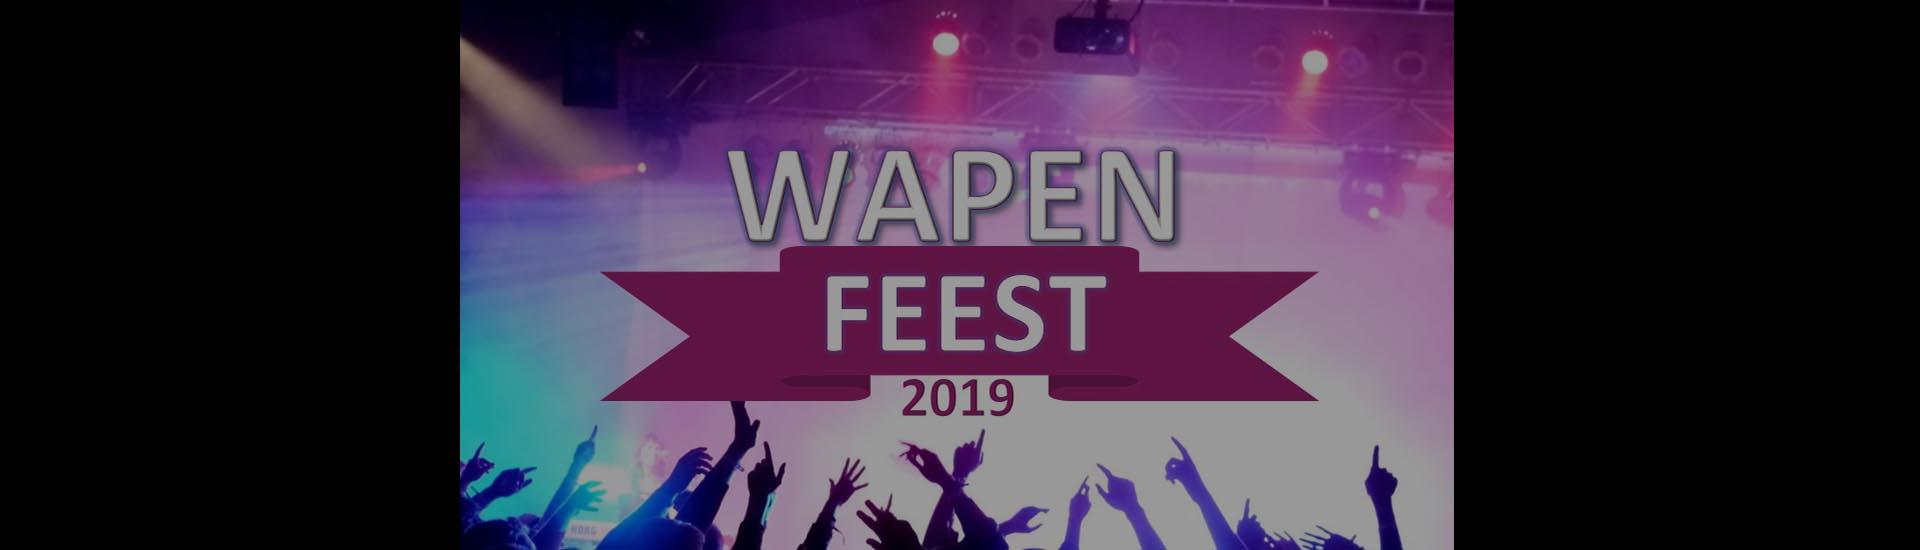 Wapenfeest @ Sense